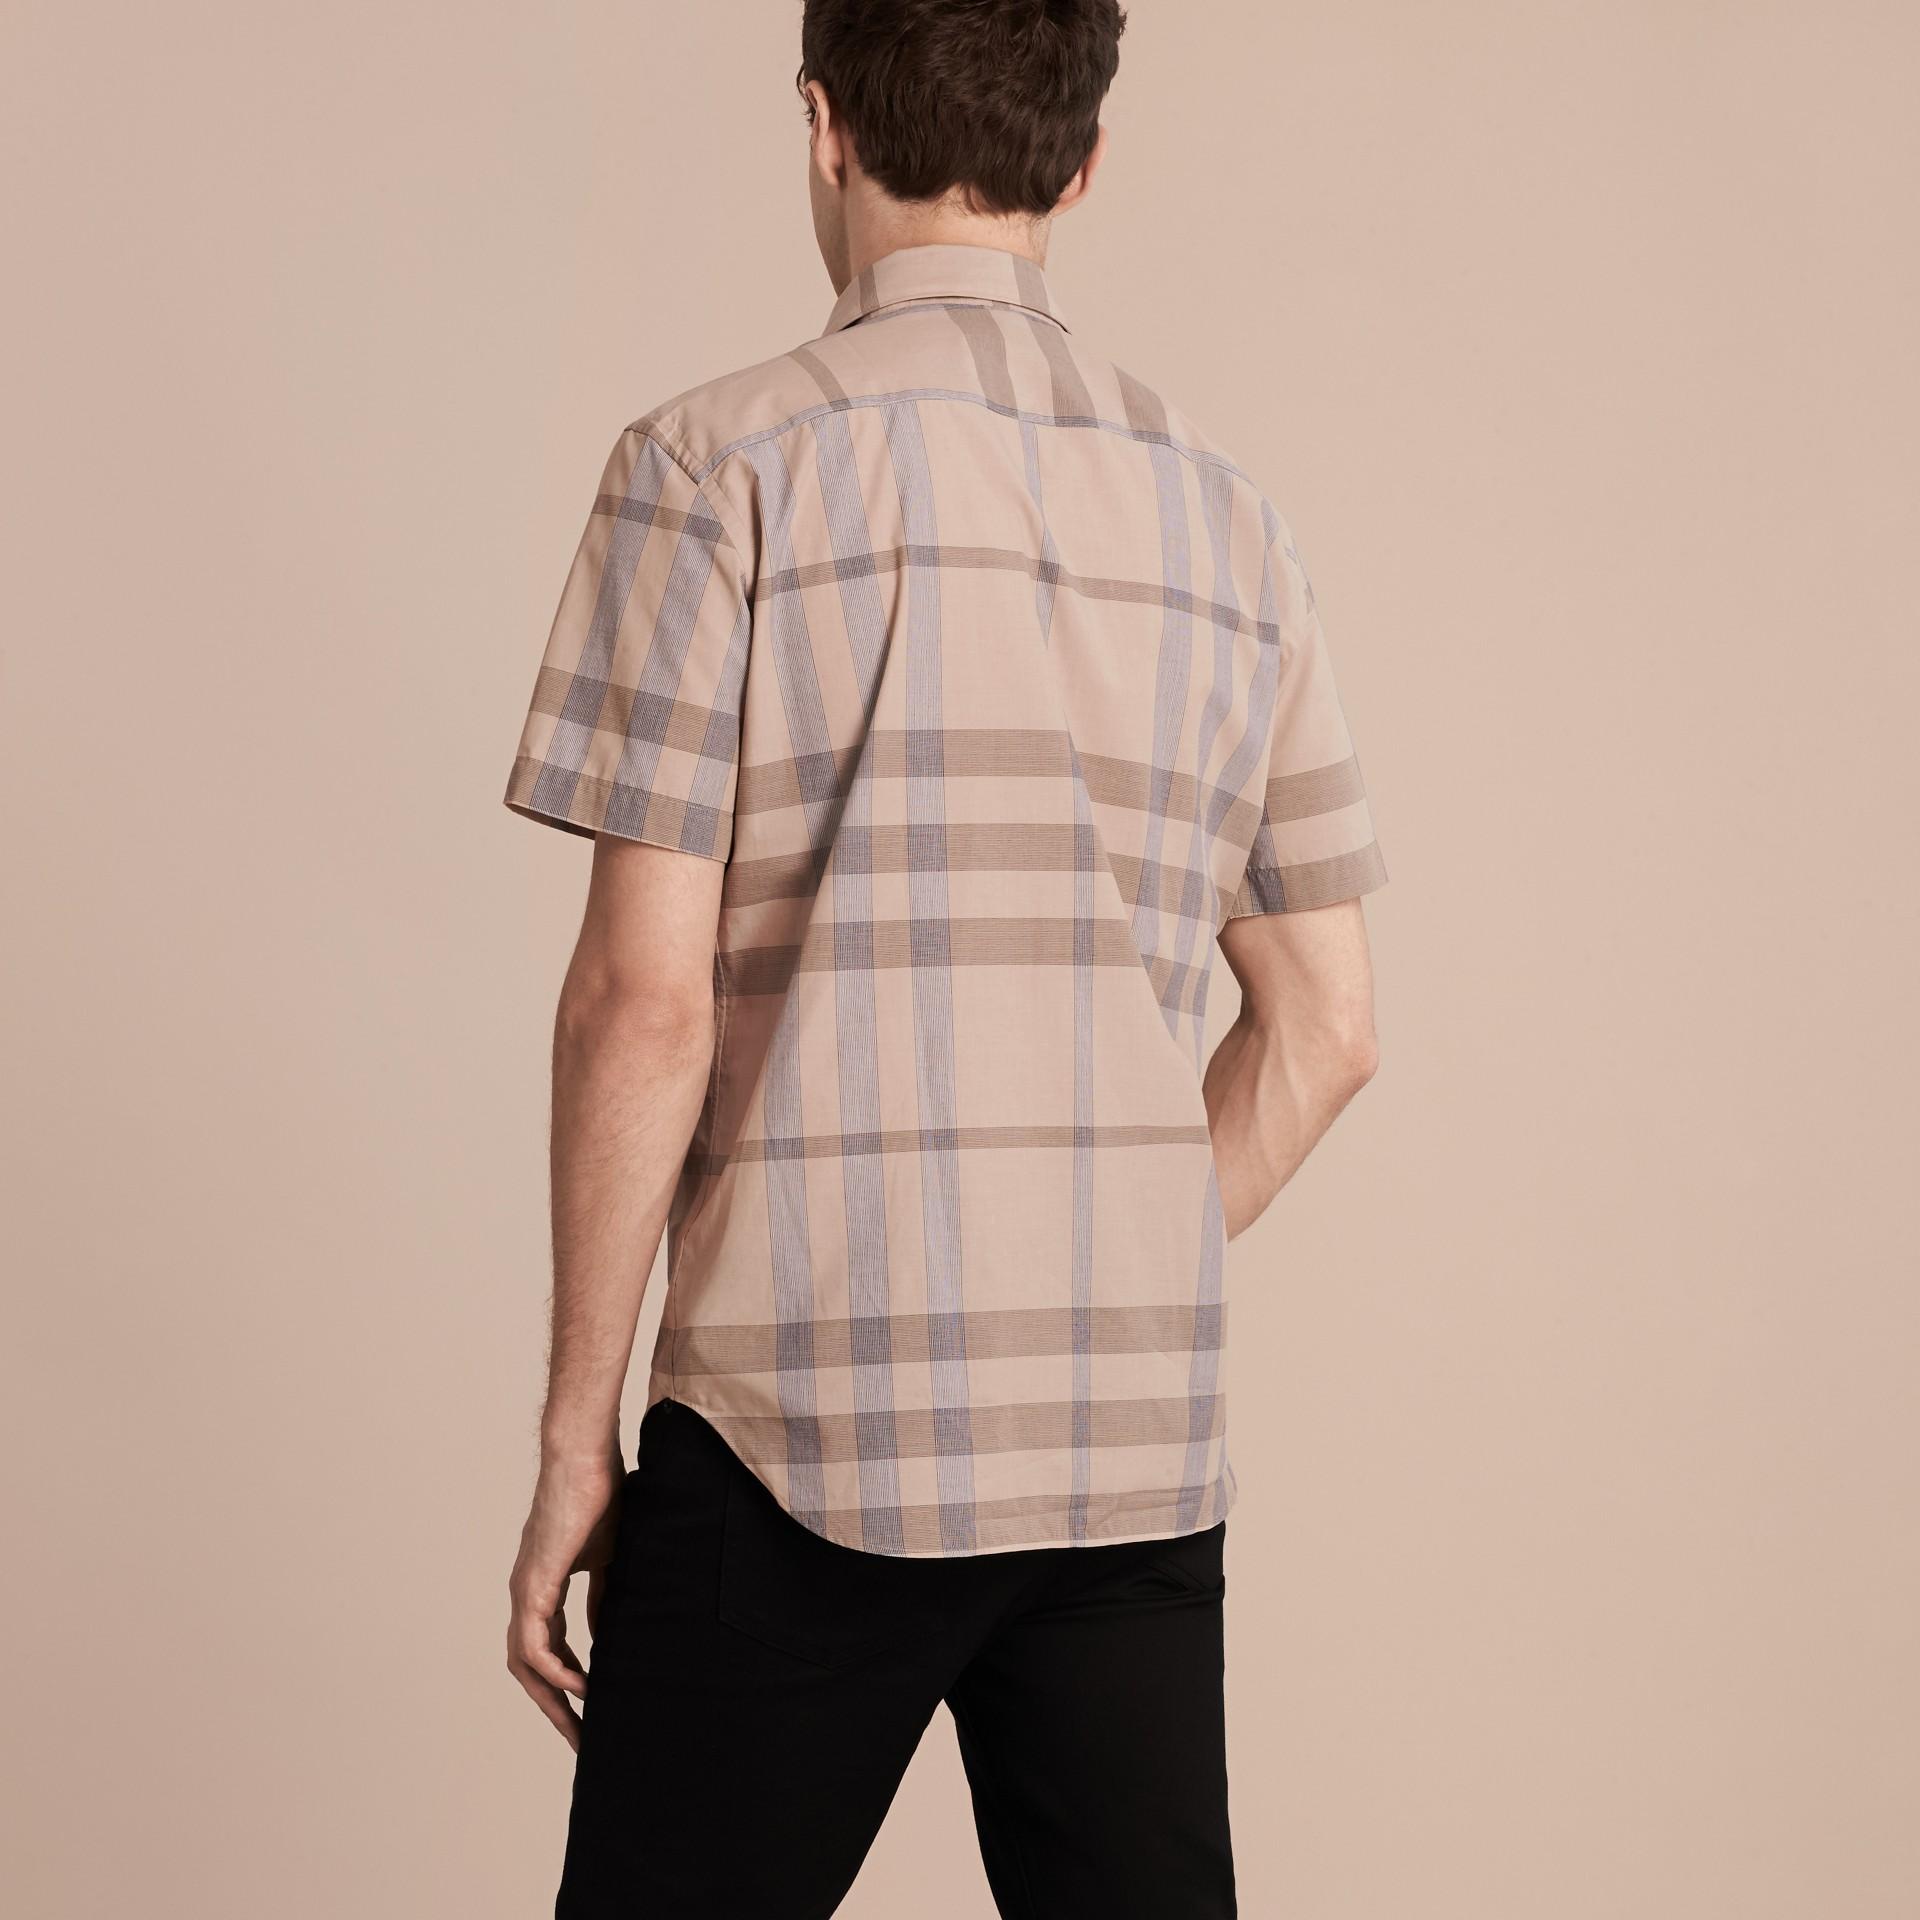 Cammello chiaro Camicia a maniche corte in cotone con motivo check Cammello Chiaro - immagine della galleria 3